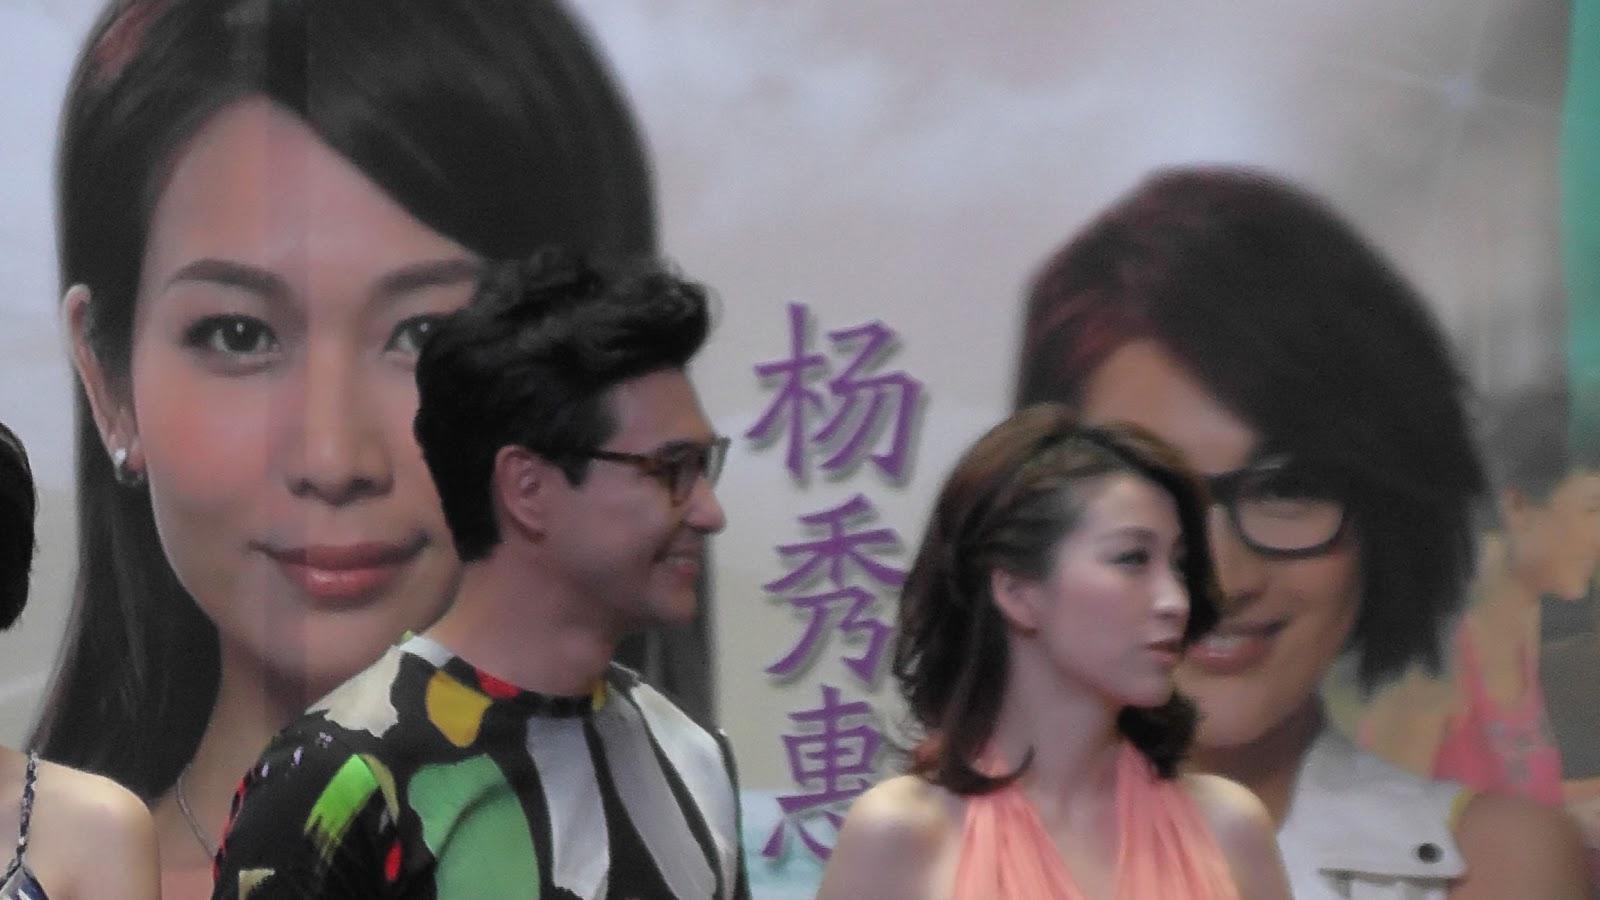 elaine yiu outbound love - photo #8